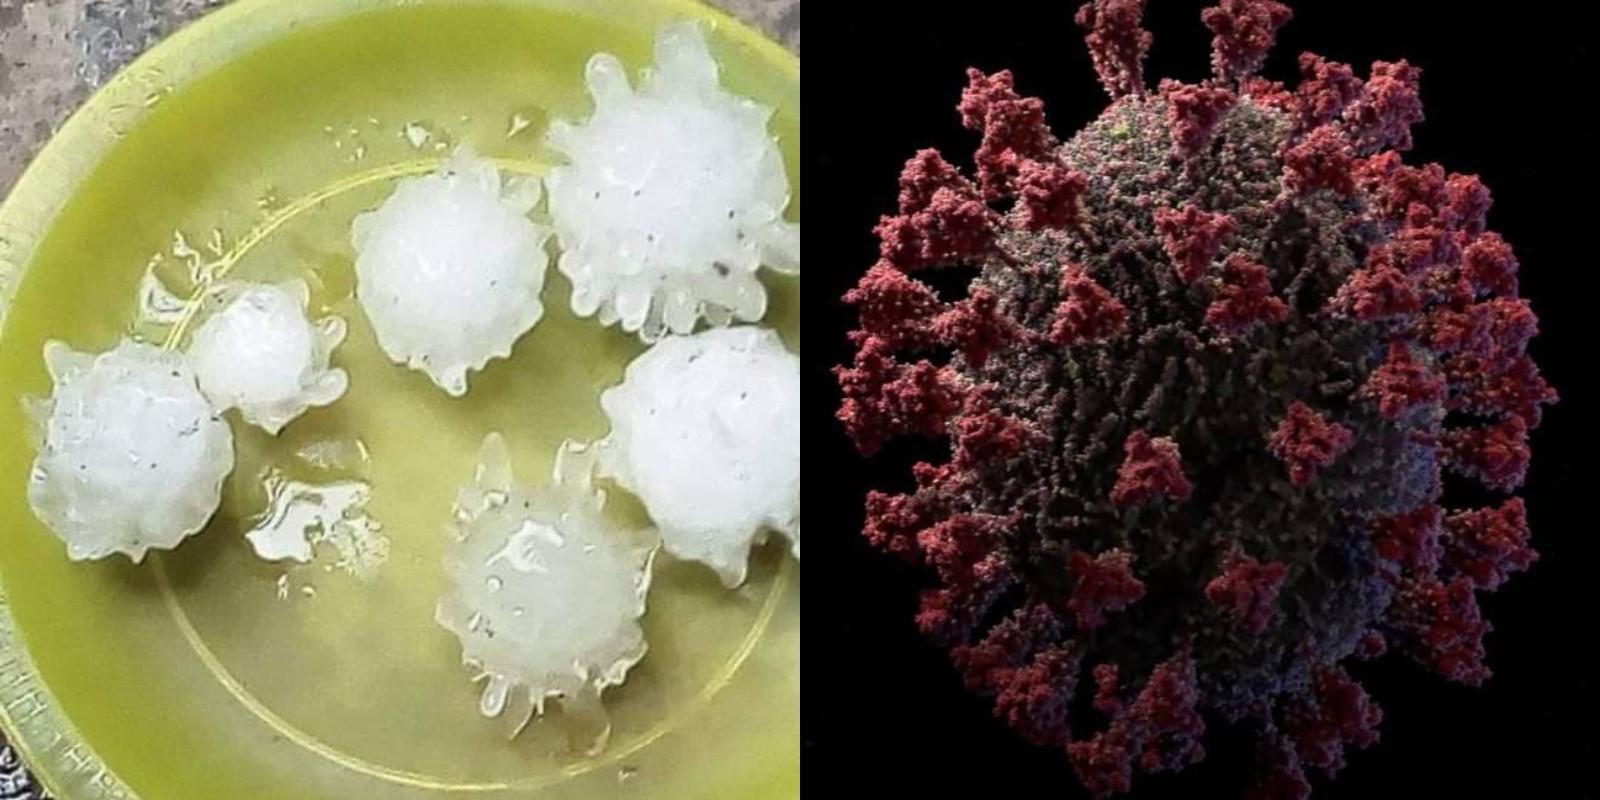 Справа — 3D-модель коронавируса. Фото © Twitter / pachybautista. Скриншот © YouTube / VISUAL SCIENCE